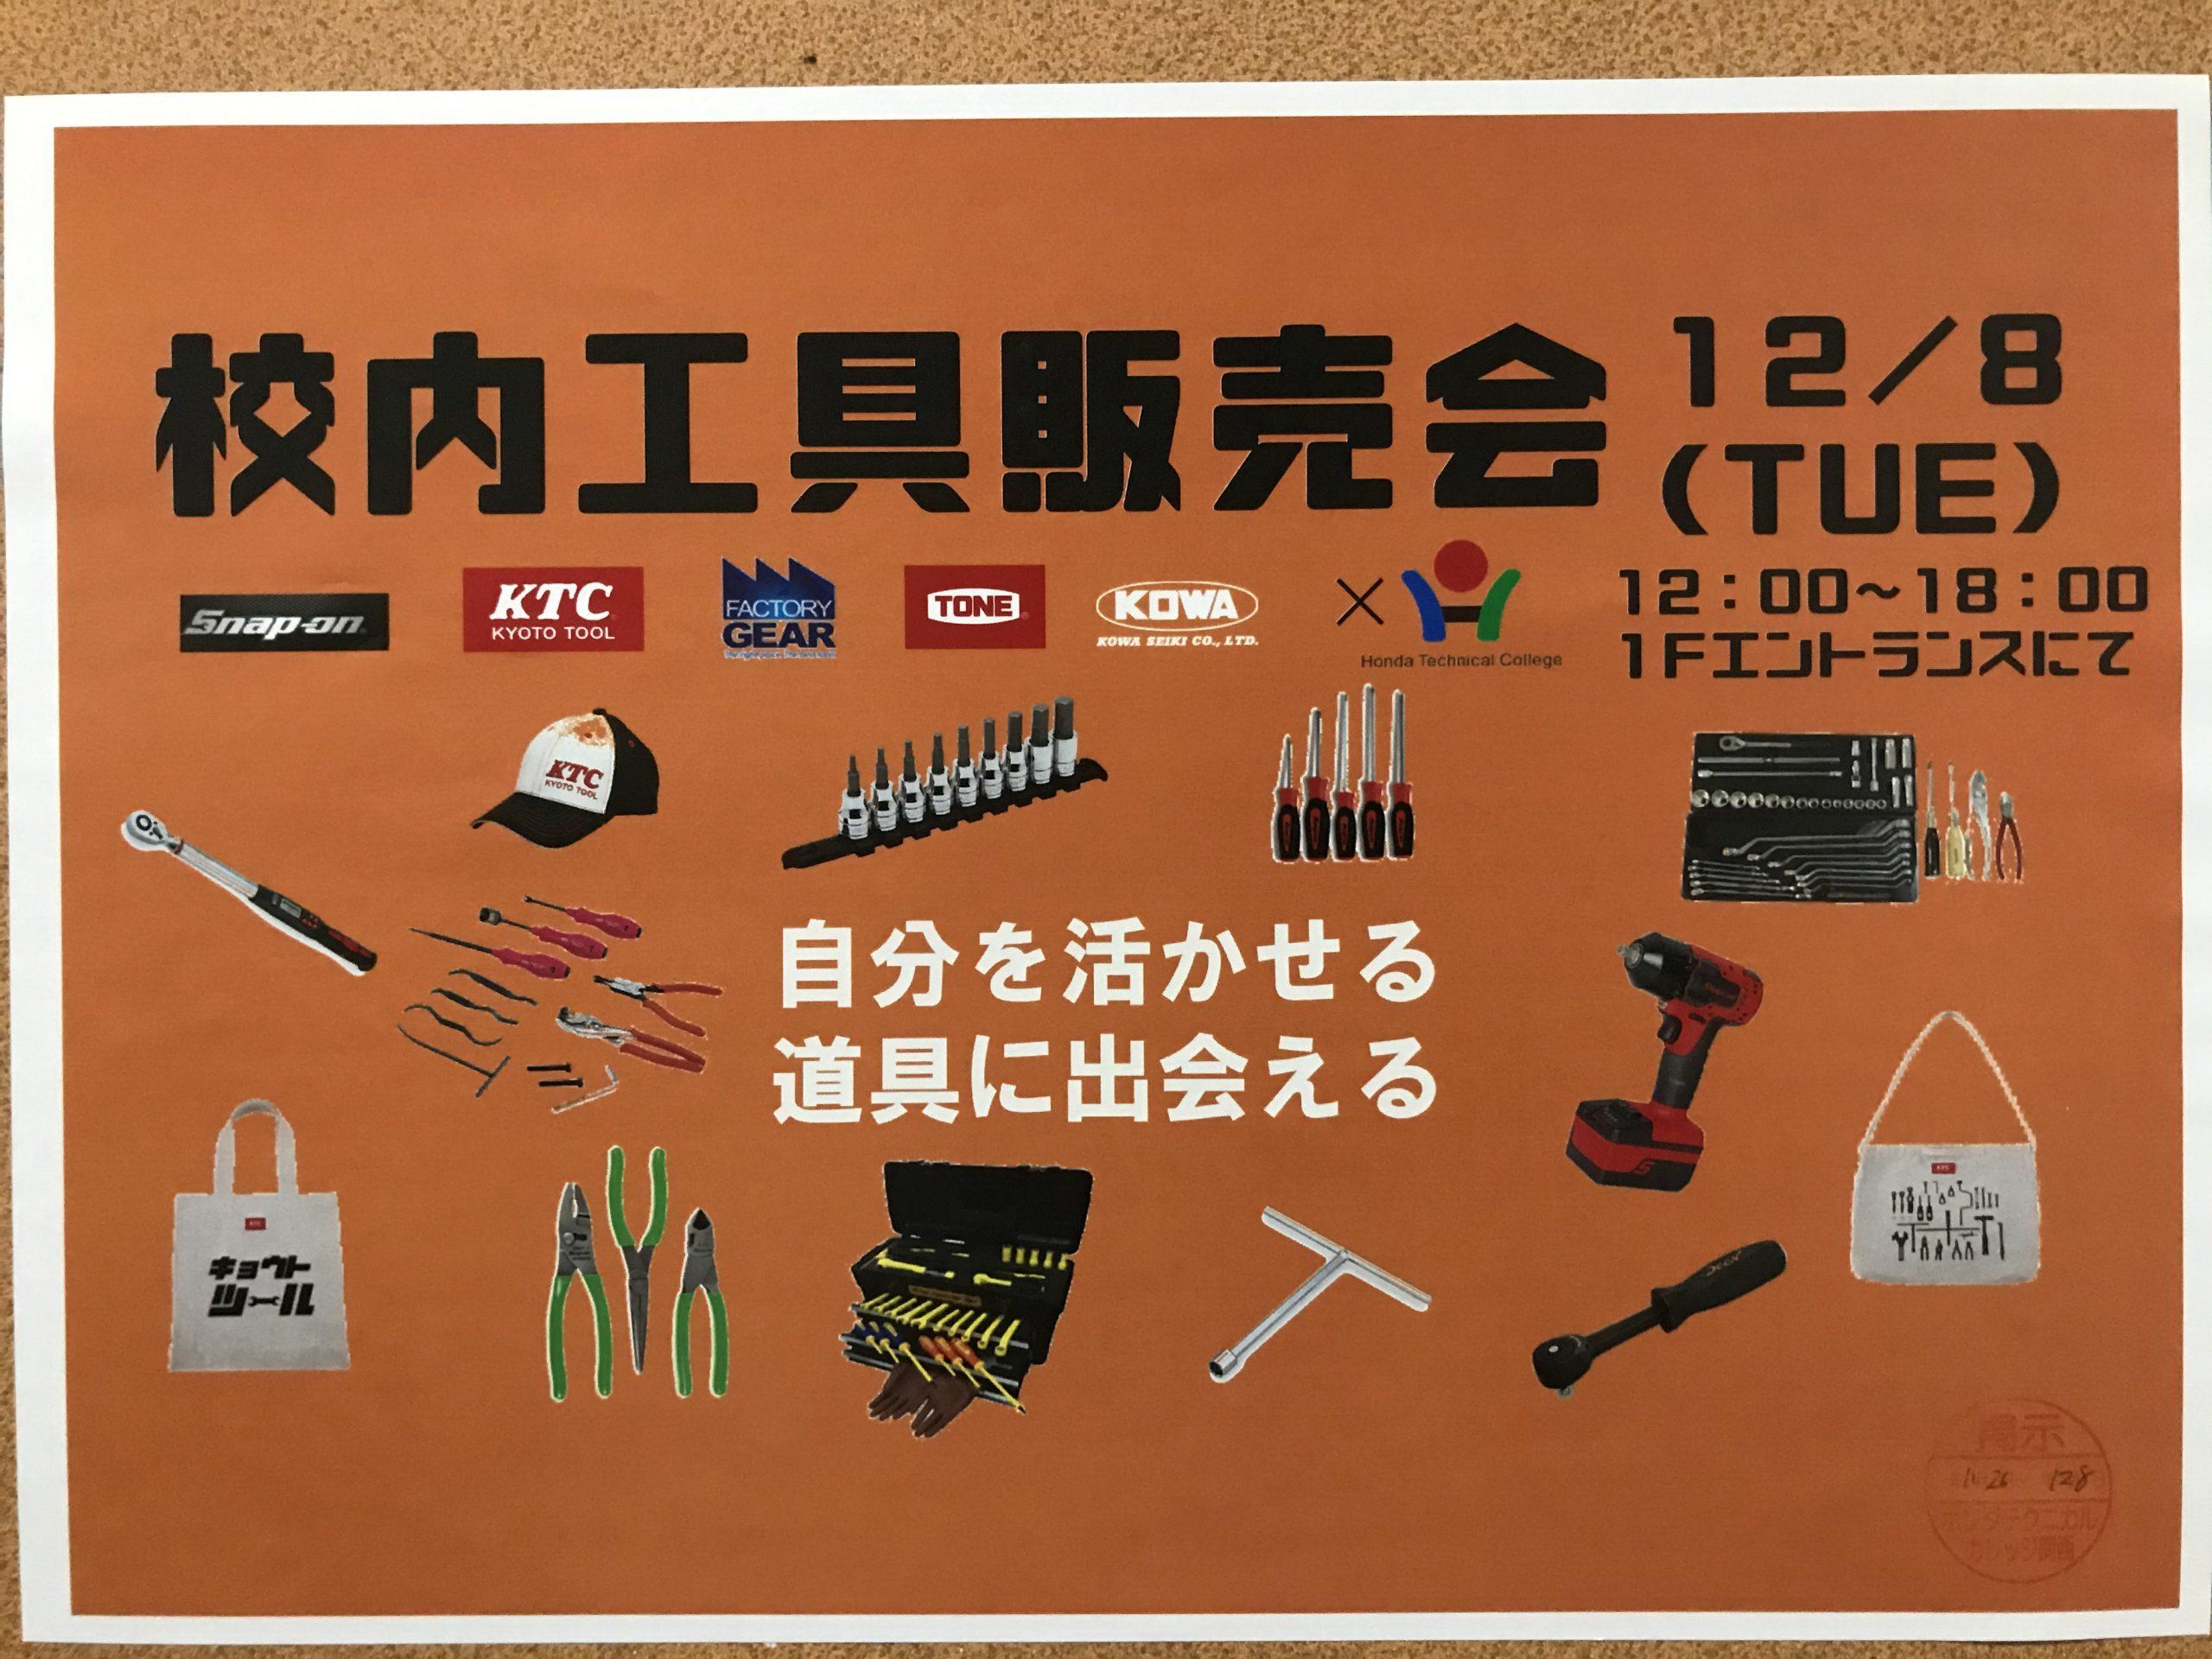 【開催】学生が最も気になるイベント@工具販売会